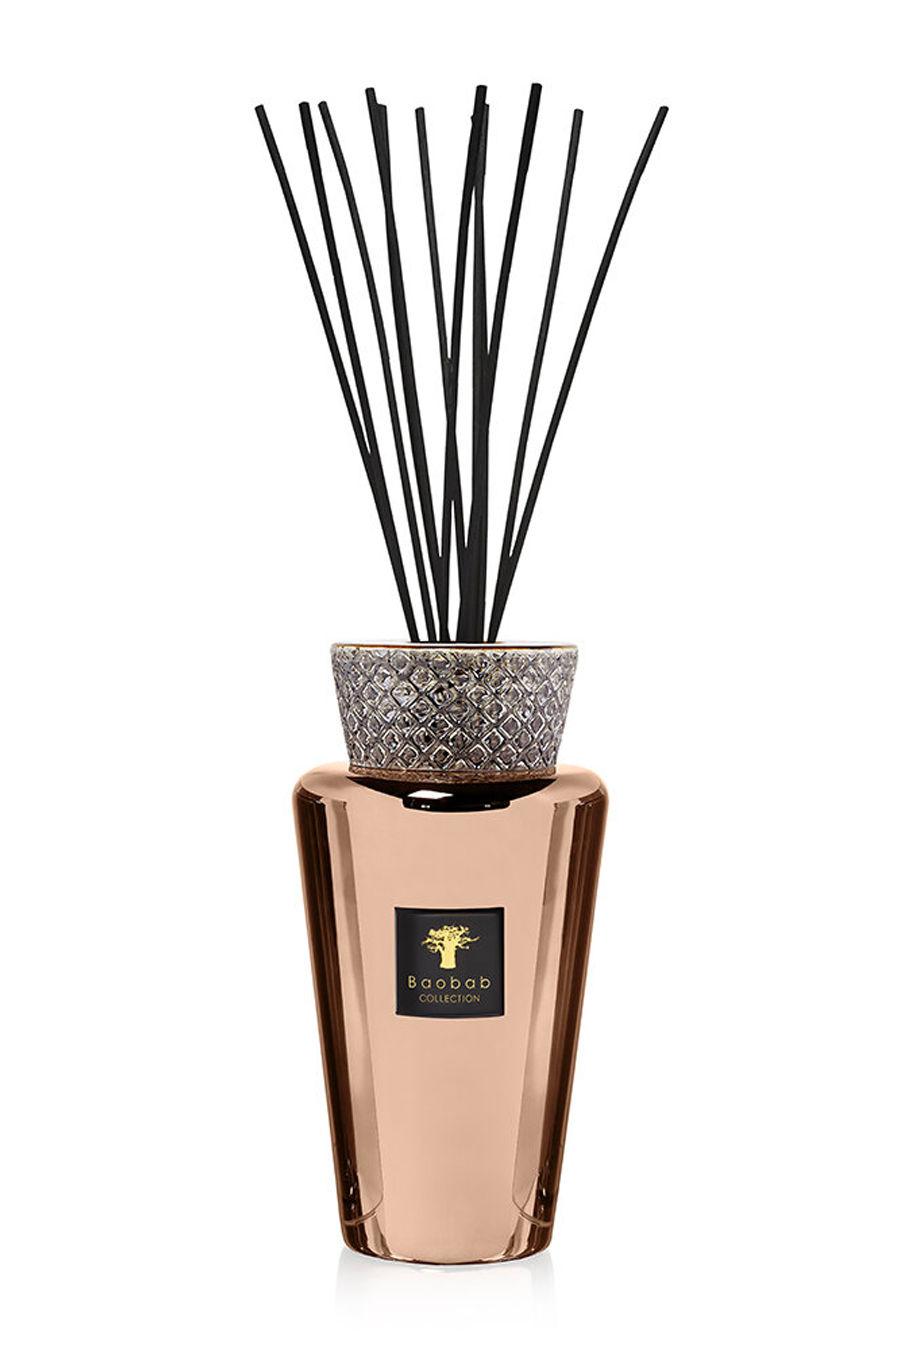 Diffuser Les Exclusives - Cyprium Totem 500 ml